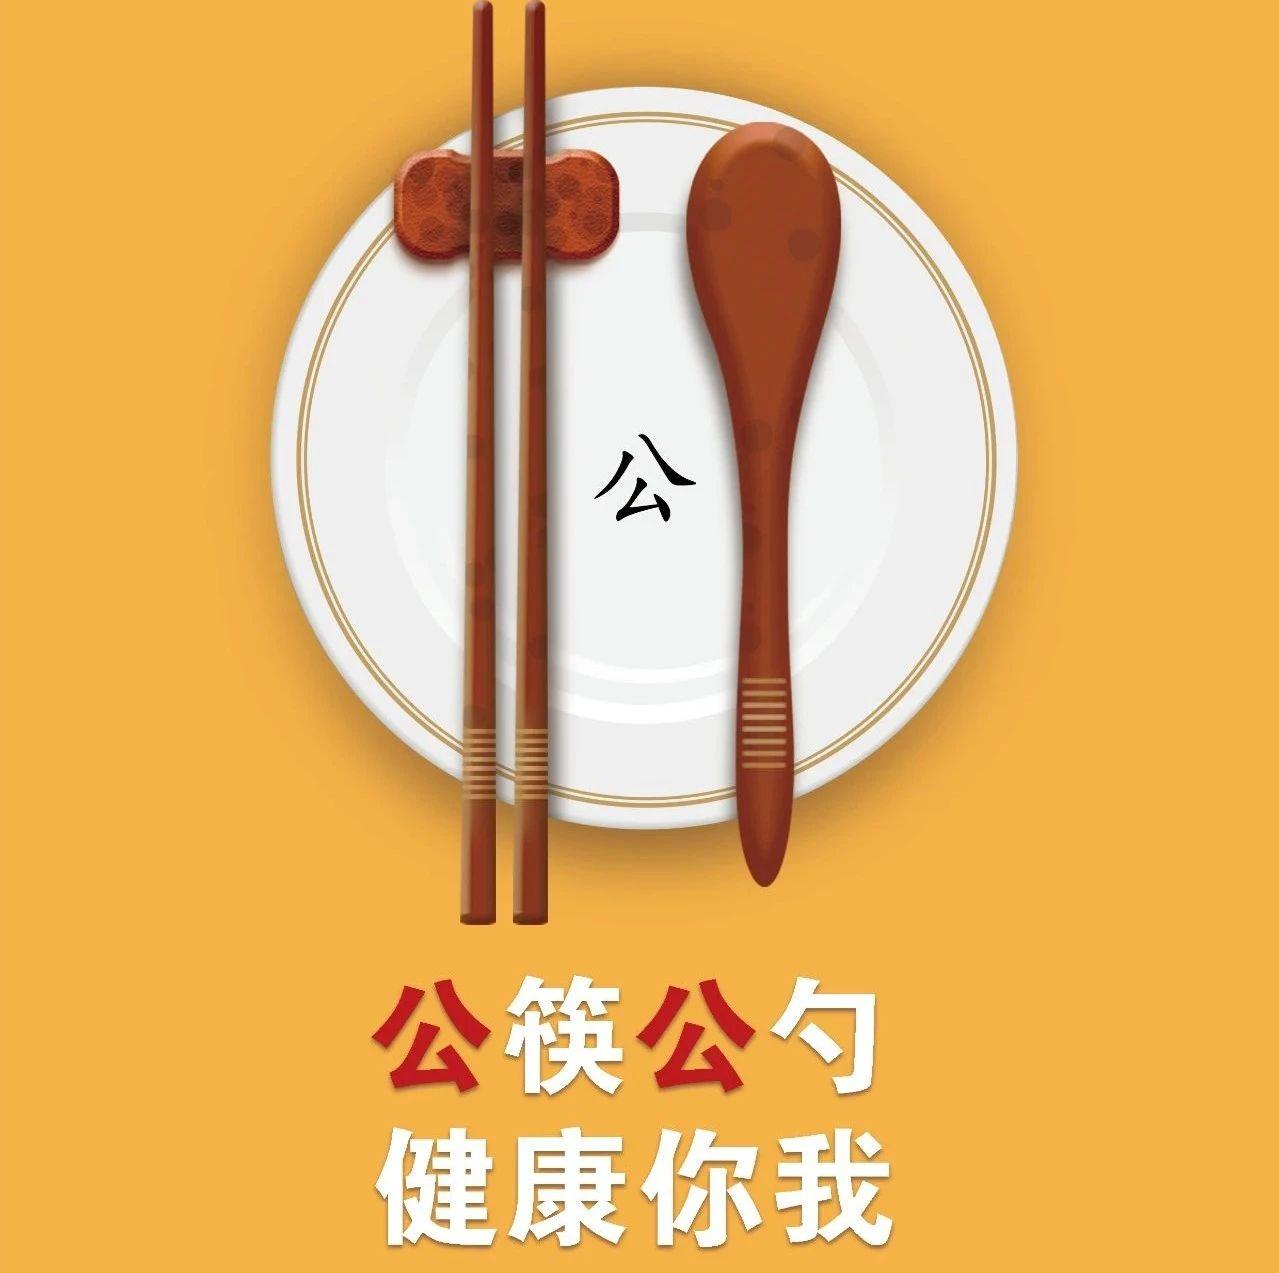 【文明健康 有你有我】公益广告——公筷公勺 健康你我